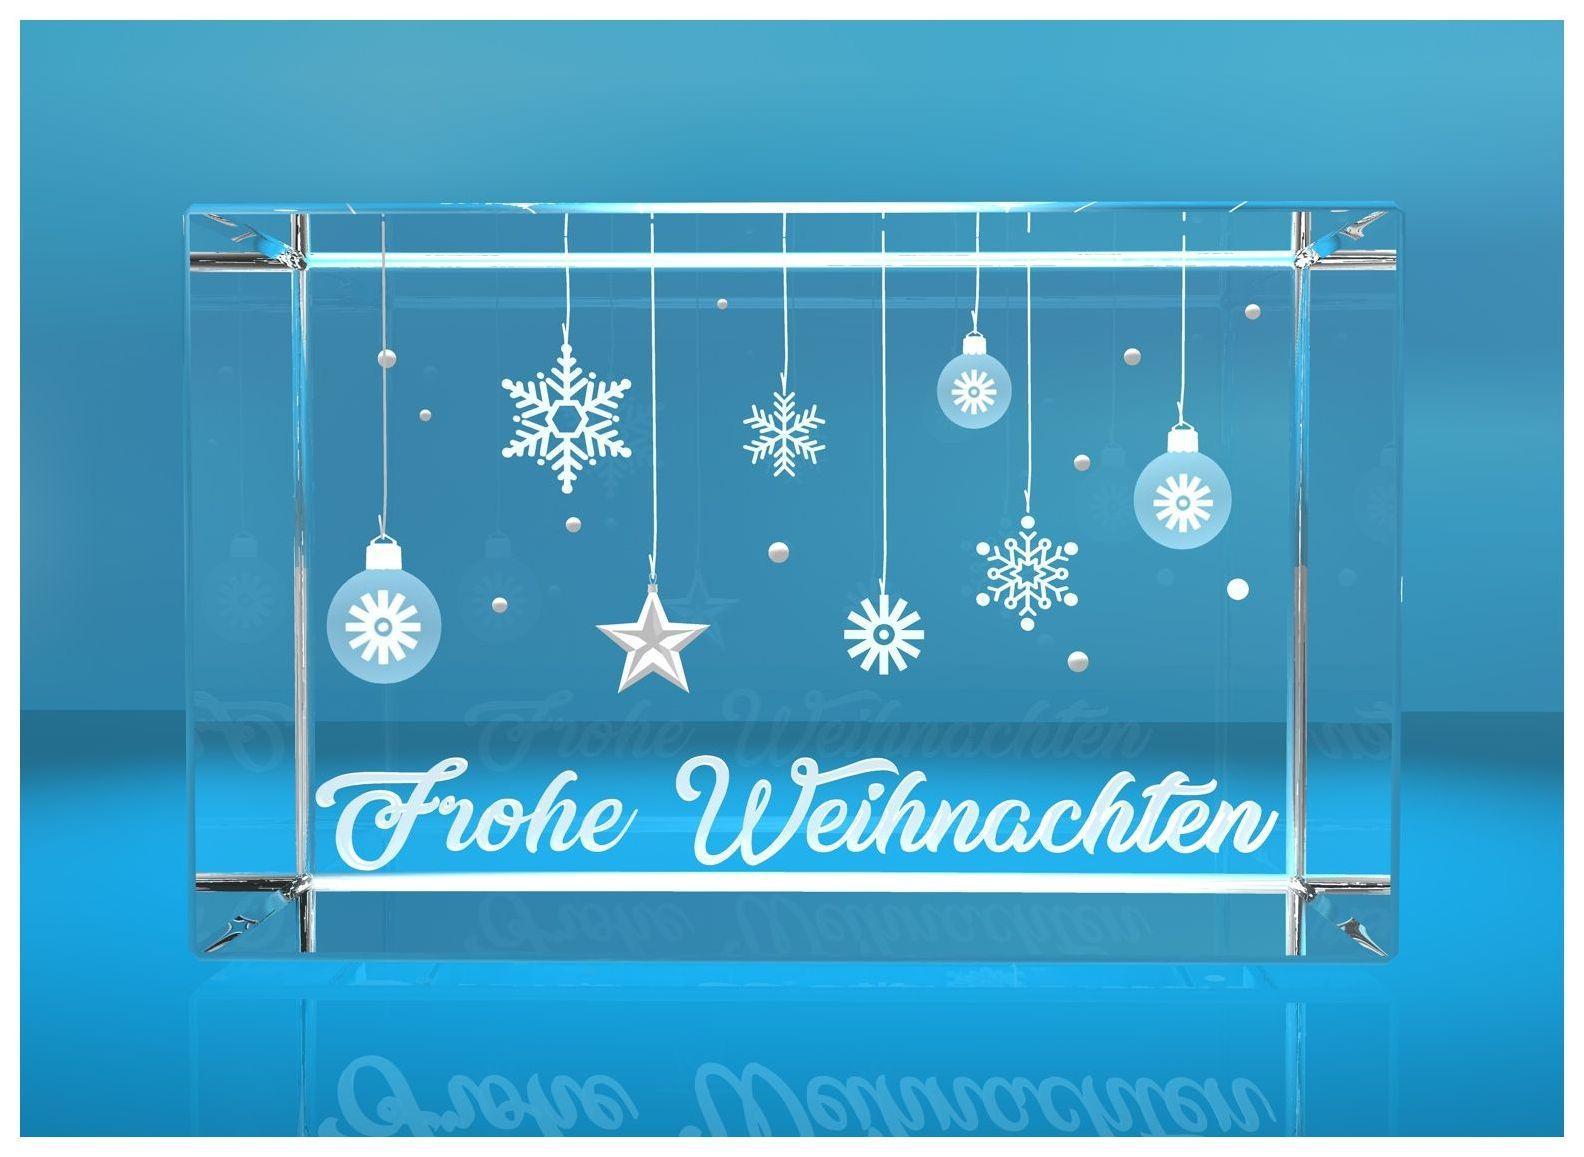 3D Glasquader I Frohe Weihnachten I Weihnachtskugeln mit Text